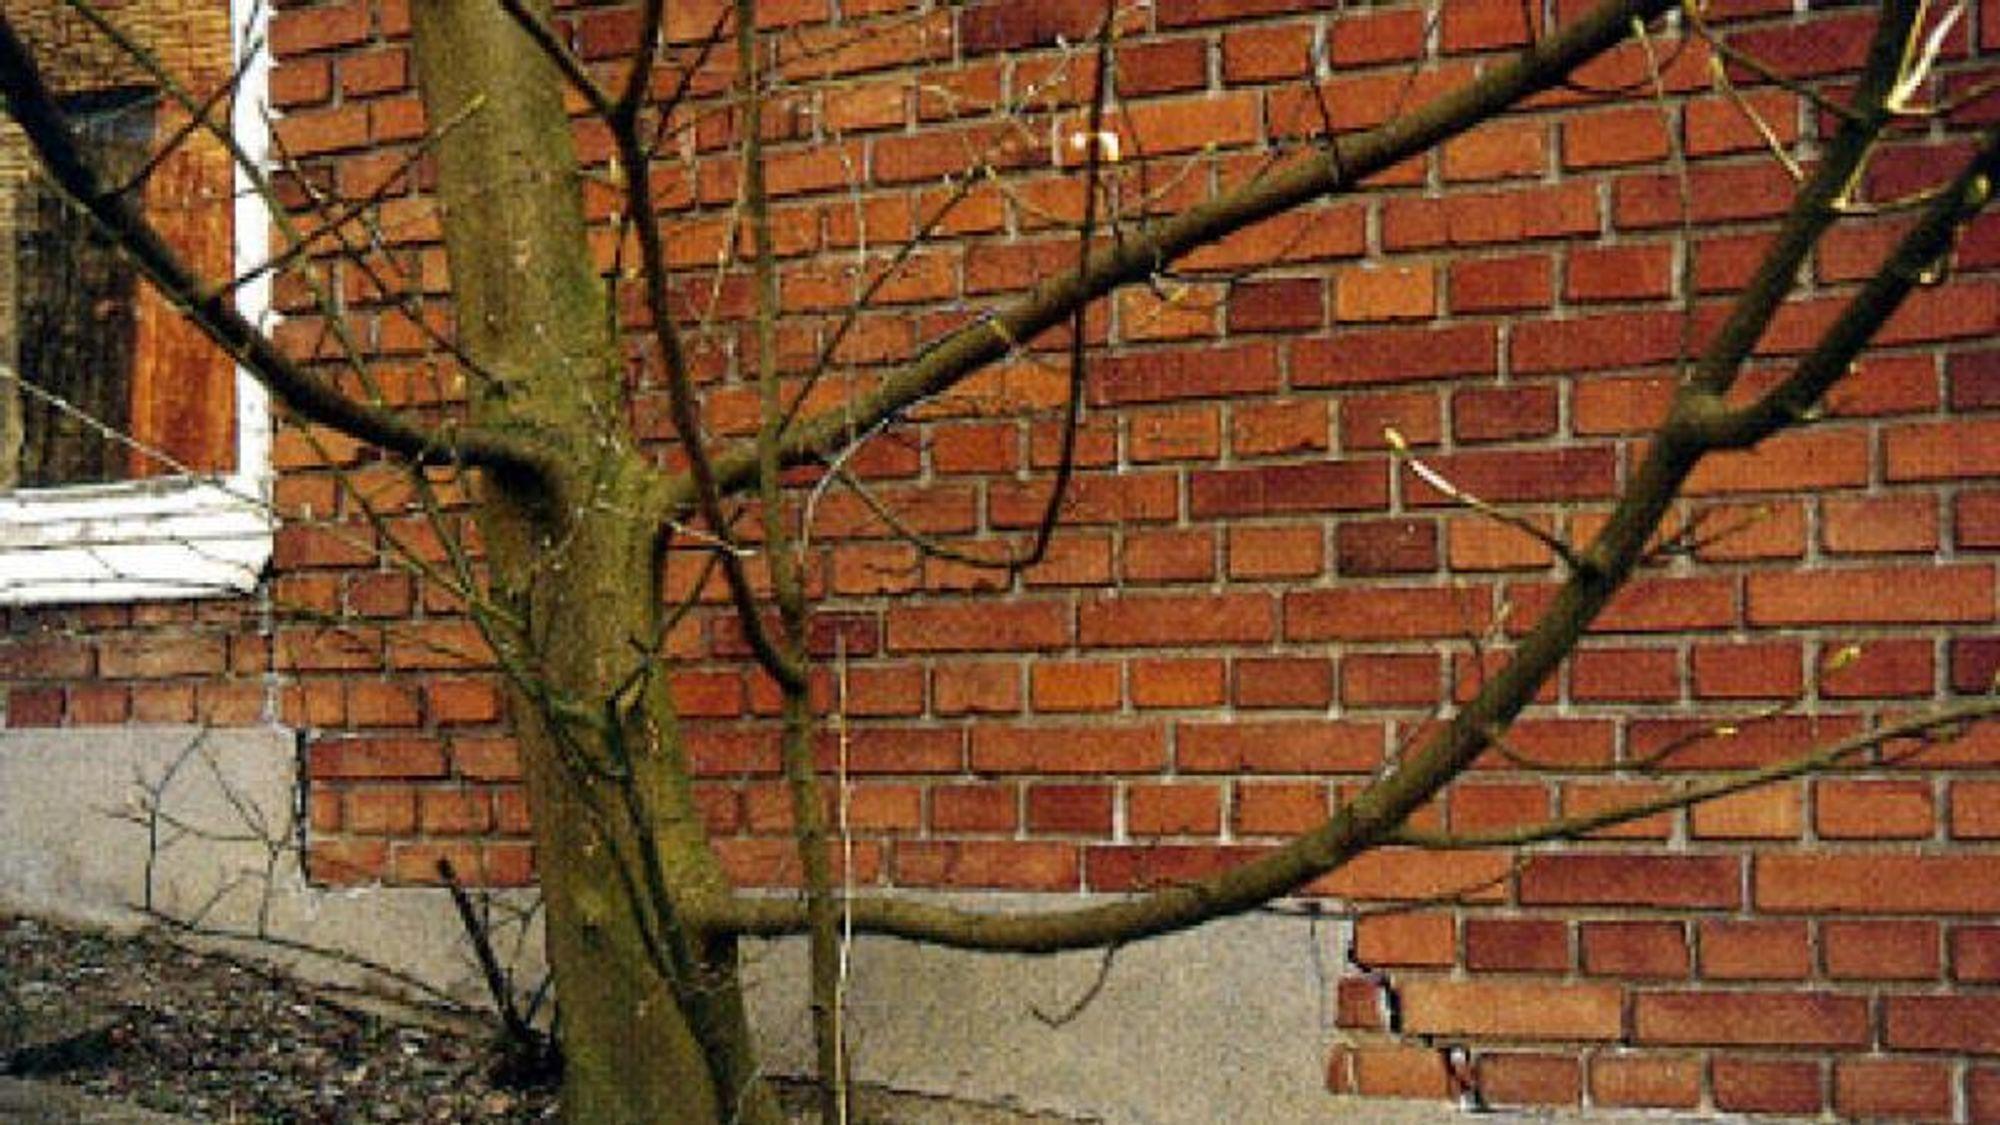 Boligeiere på særlig Vestfyn og Østjylland opplever at det plutselig oppstår sprekker i husene deres. Årsaken er at husene er fundamentert på fet leire som er svært vannholdig. Den langvarige sommervarmen får trær og busker til å suge opp mer vann fra grunnen, og det kan få leirlagene til å komprimeres, slik at det oppstår sprekker i husene over.